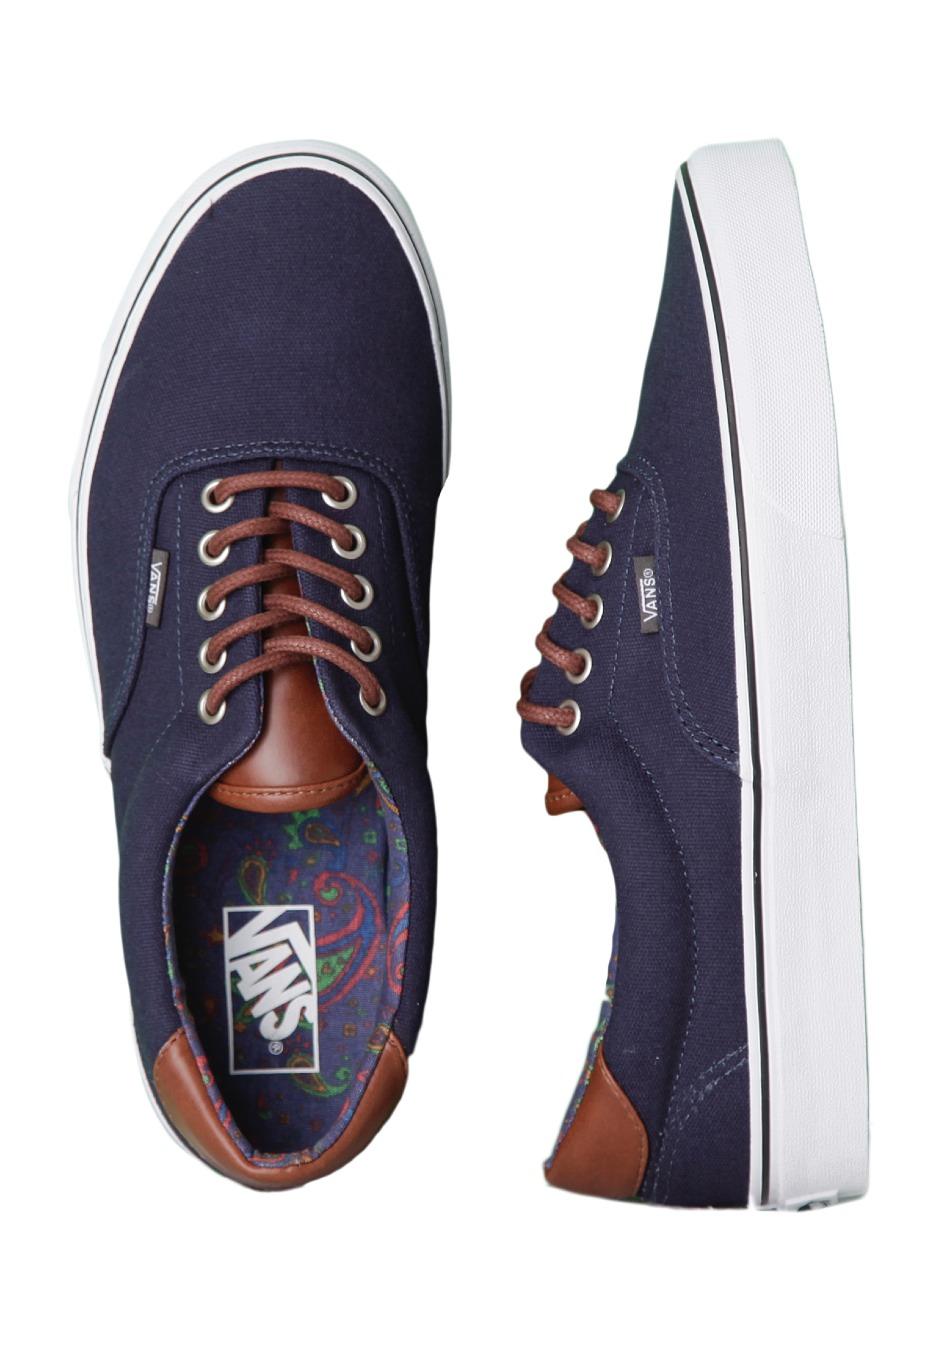 Vans - Era 59 Cu0026L Dress Blue/Paisley - Shoes - Impericon.com UK